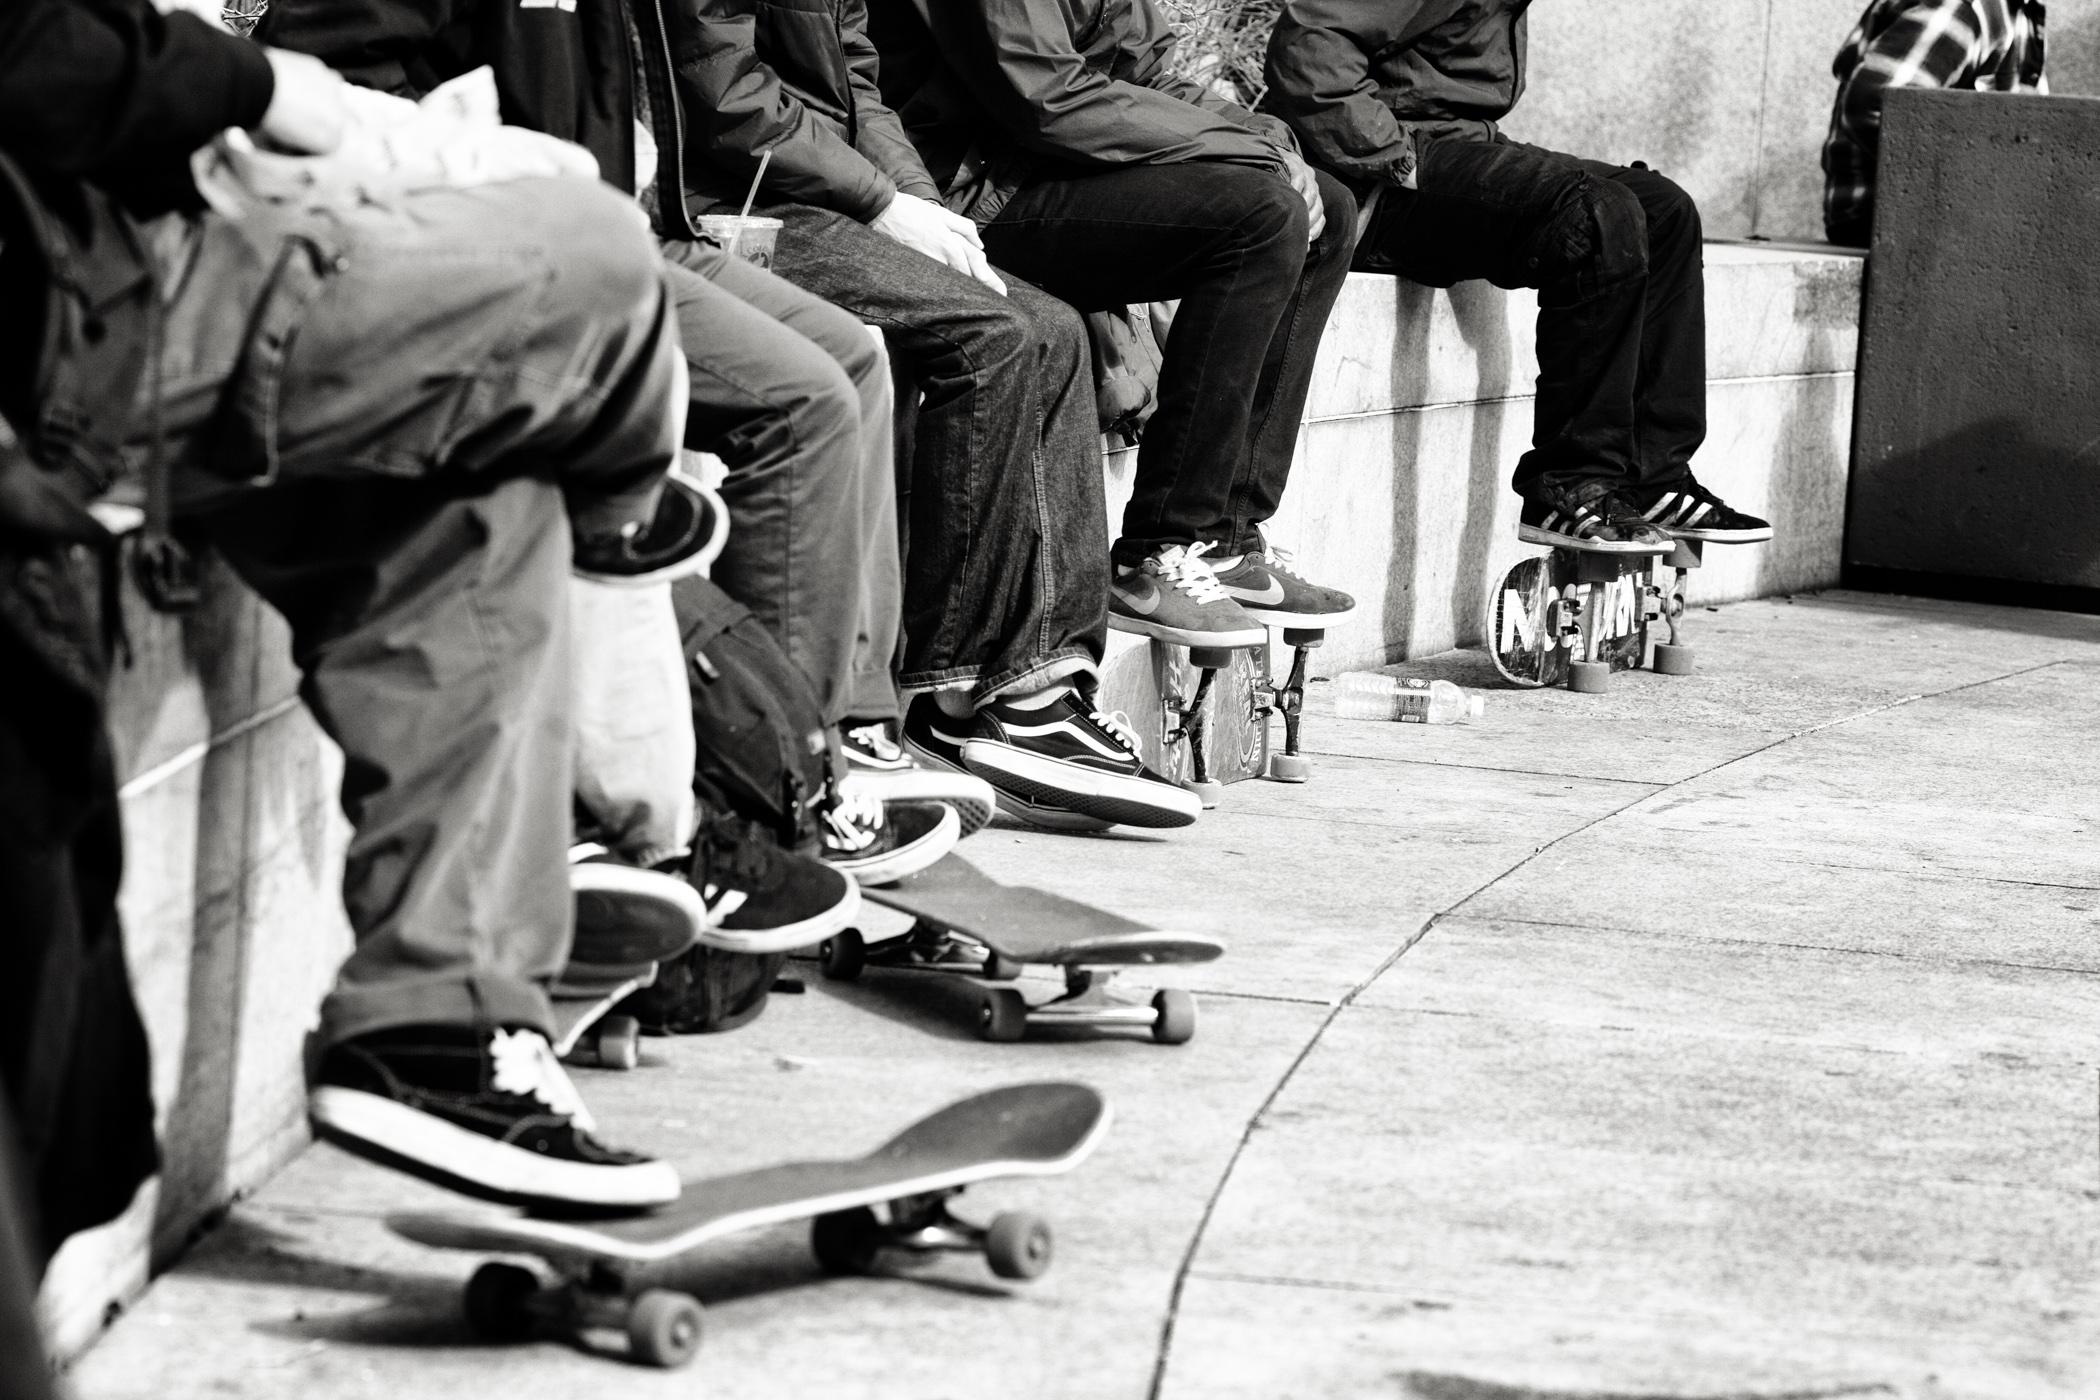 skate3 (1 of 1).jpg